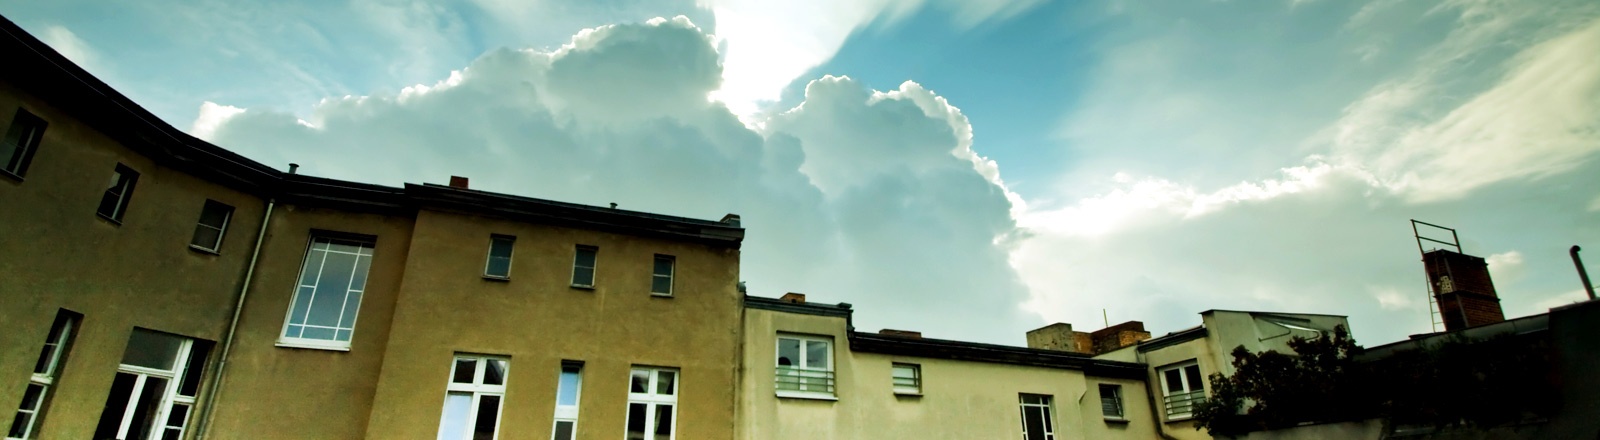 Wohnungen mit Himmel